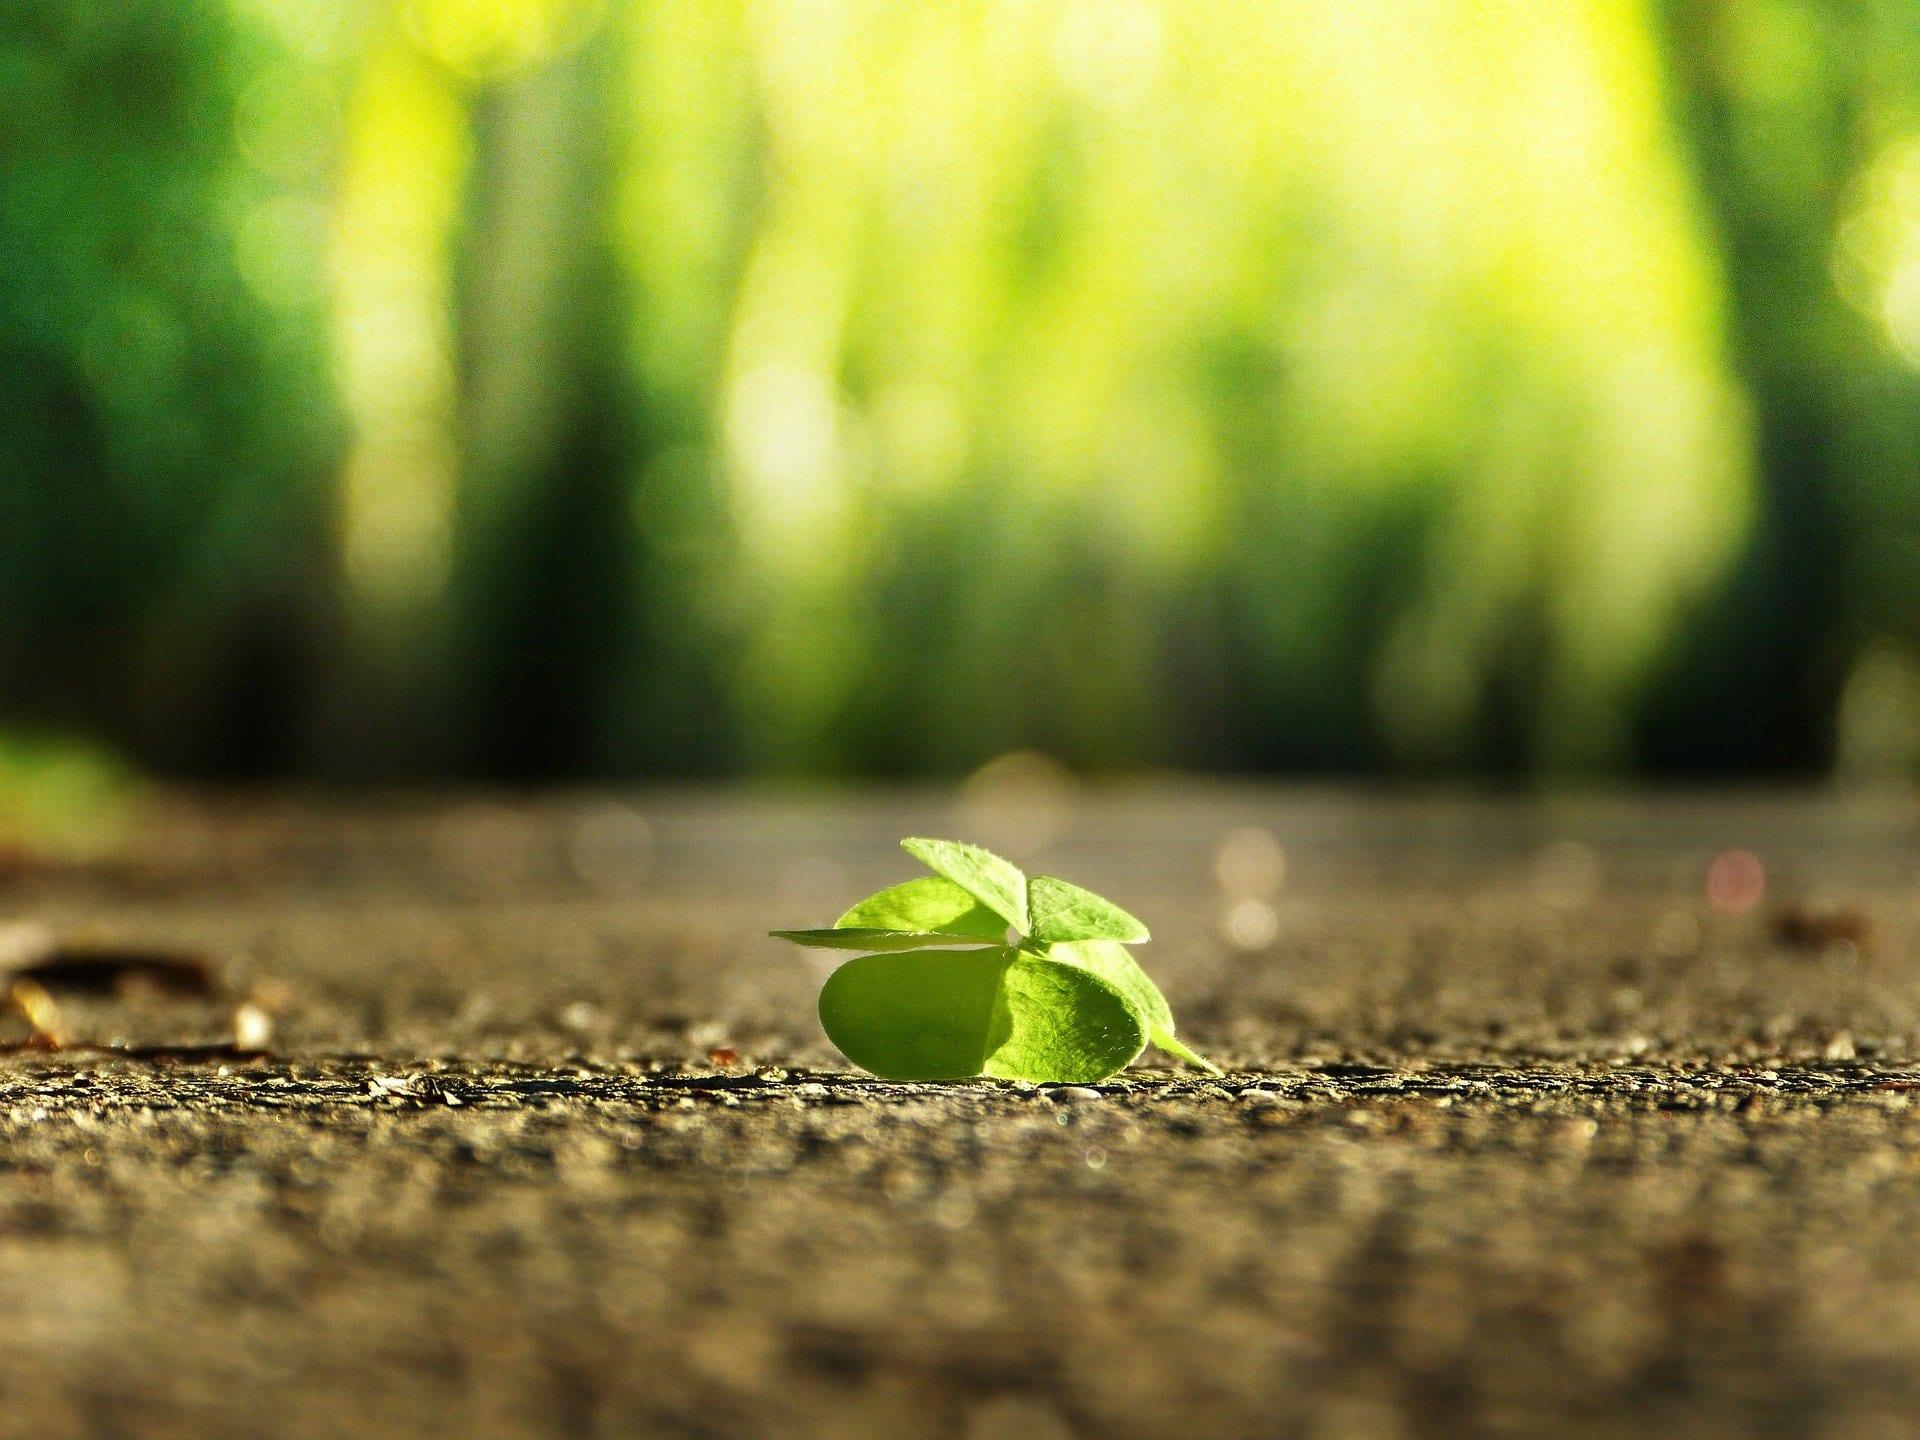 Von Wohlfühlmomenten und Lebenssinn | Blog Beitrag zu: Was ist Glück?